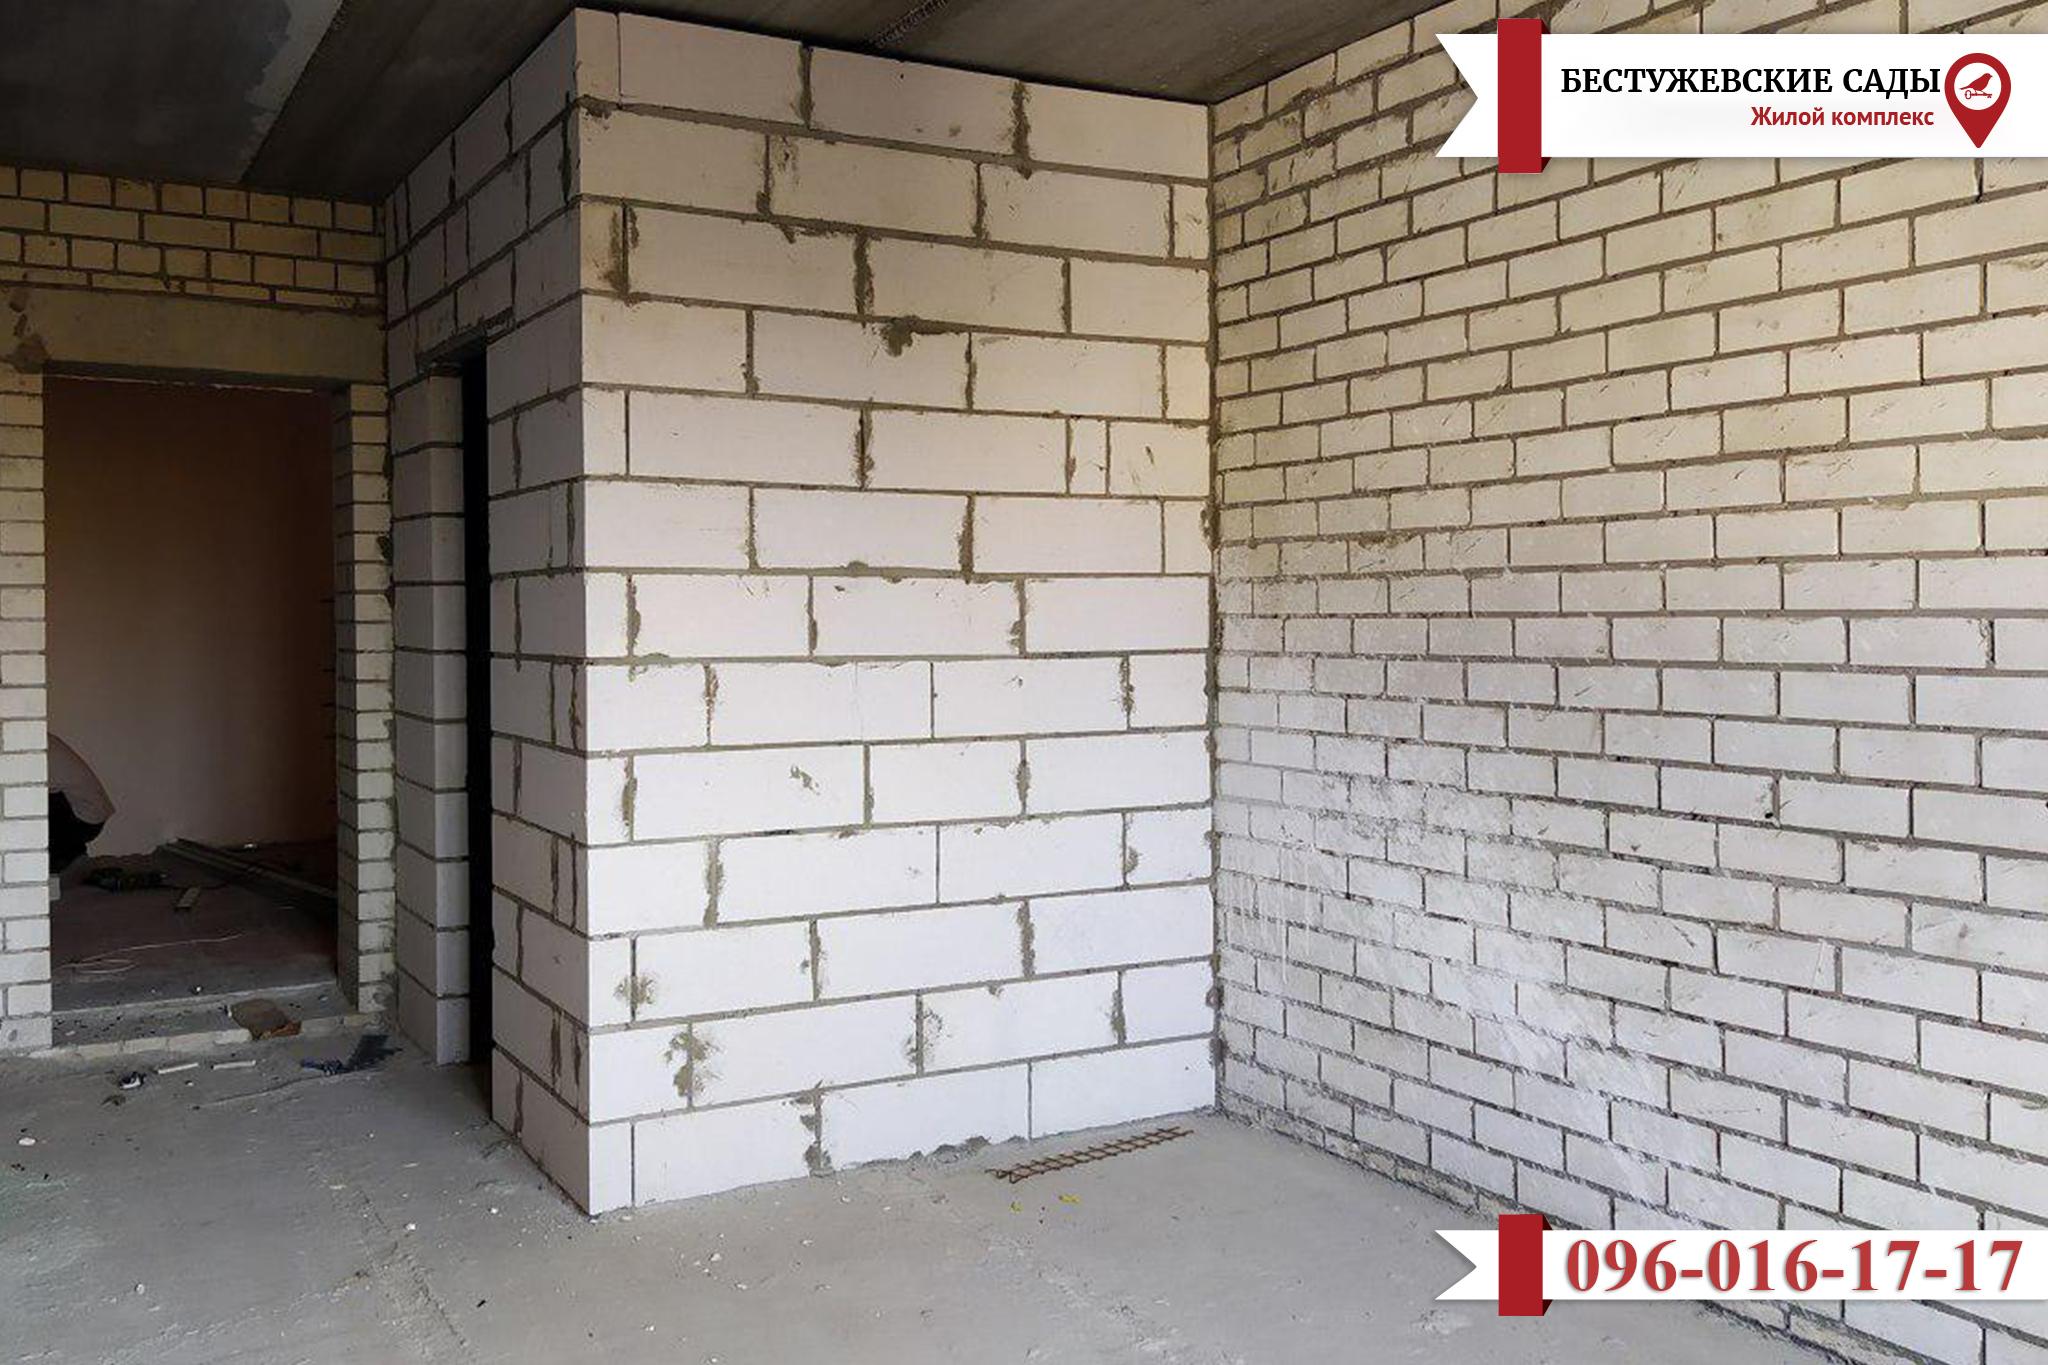 Обновилась информация со строительной площадки ЖК «Бестужевские Сады»